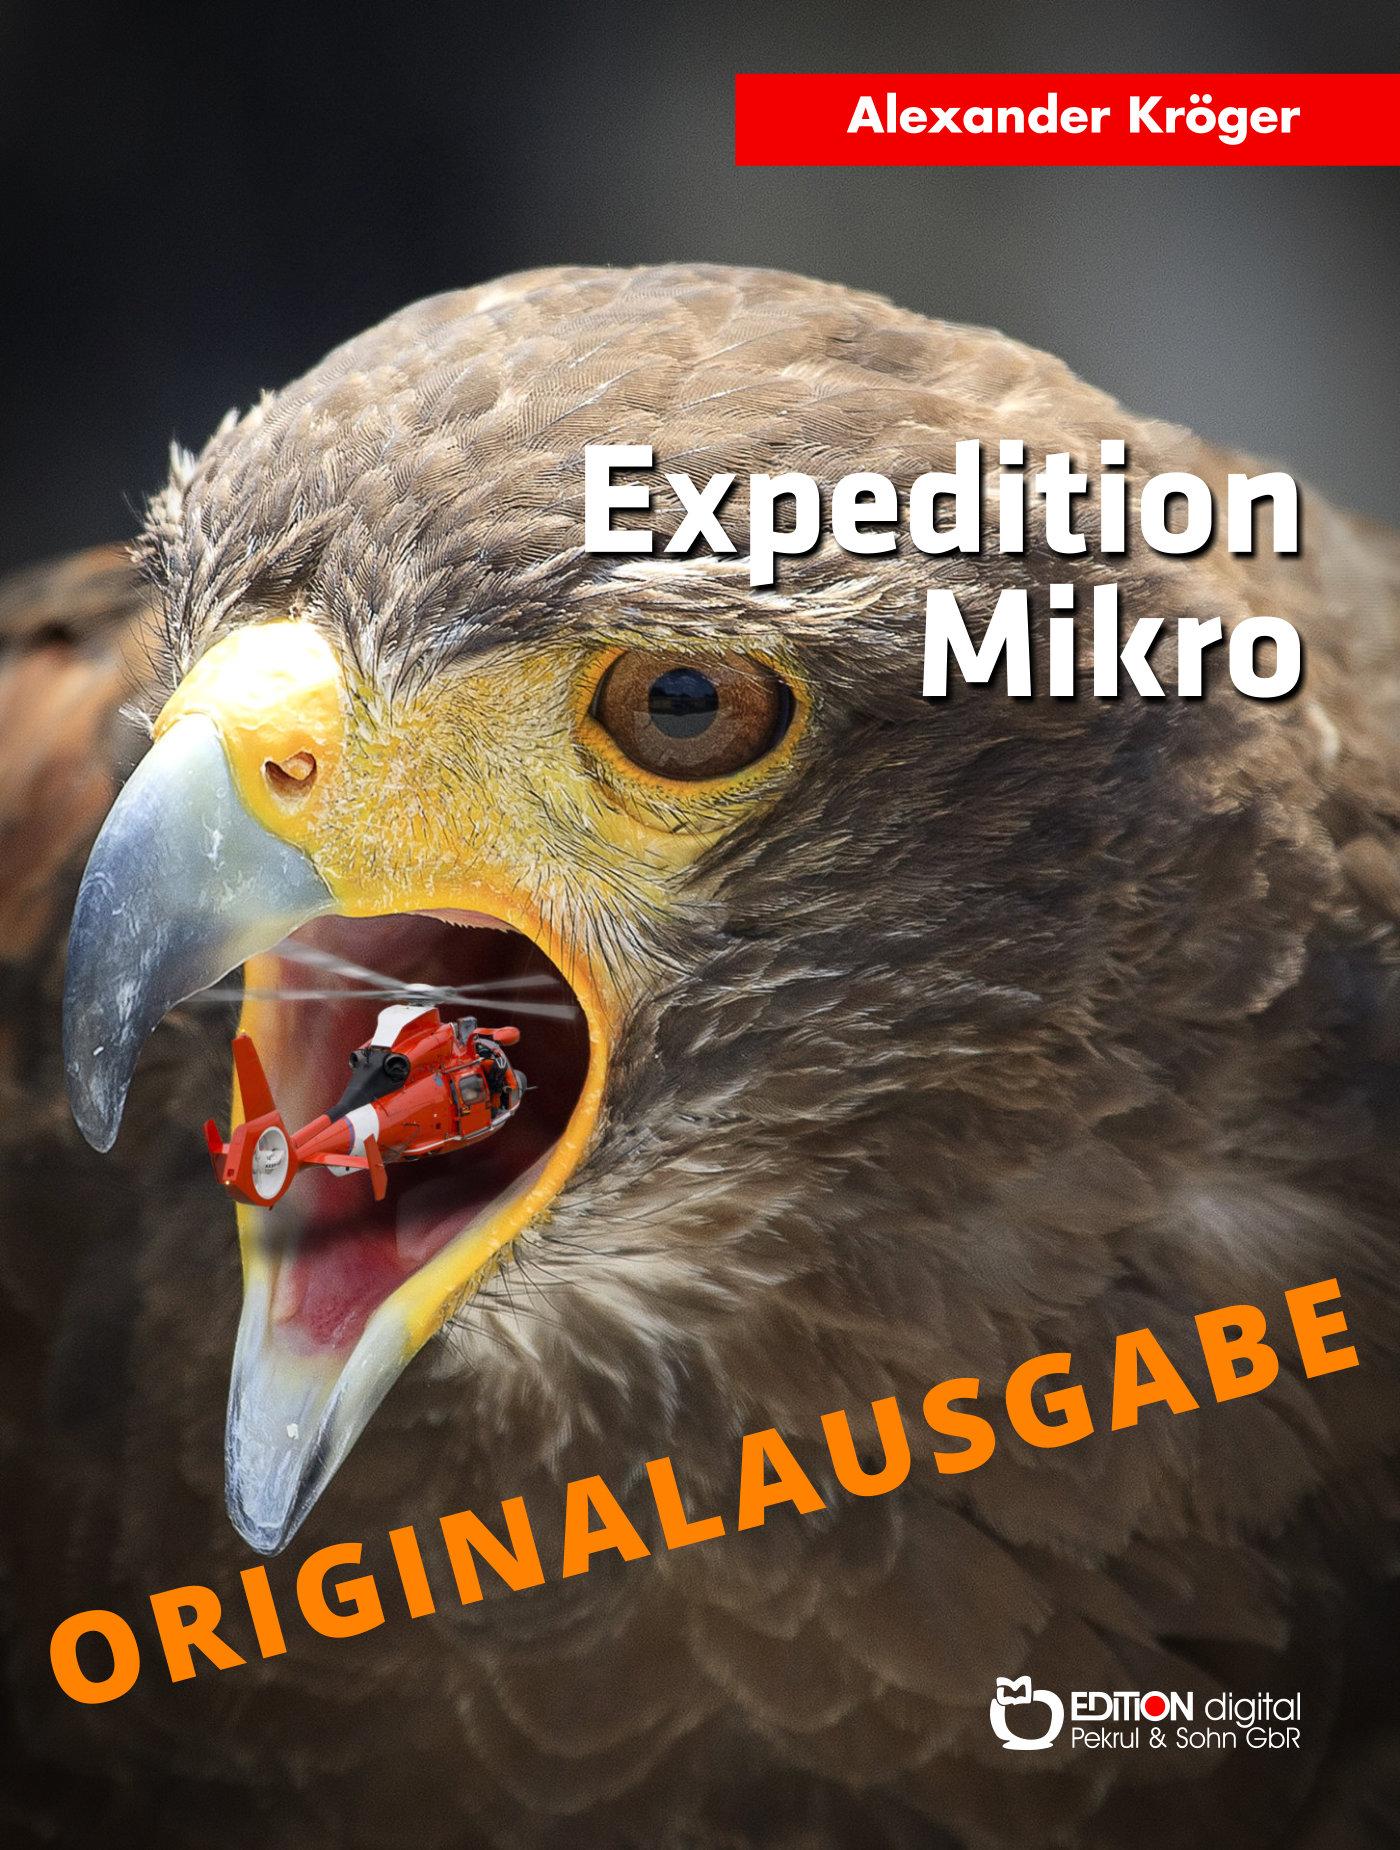 Expedition Mikro - Originalausgabe. Wissenschaftlich-phantastischer Roman von Alexander Kröger